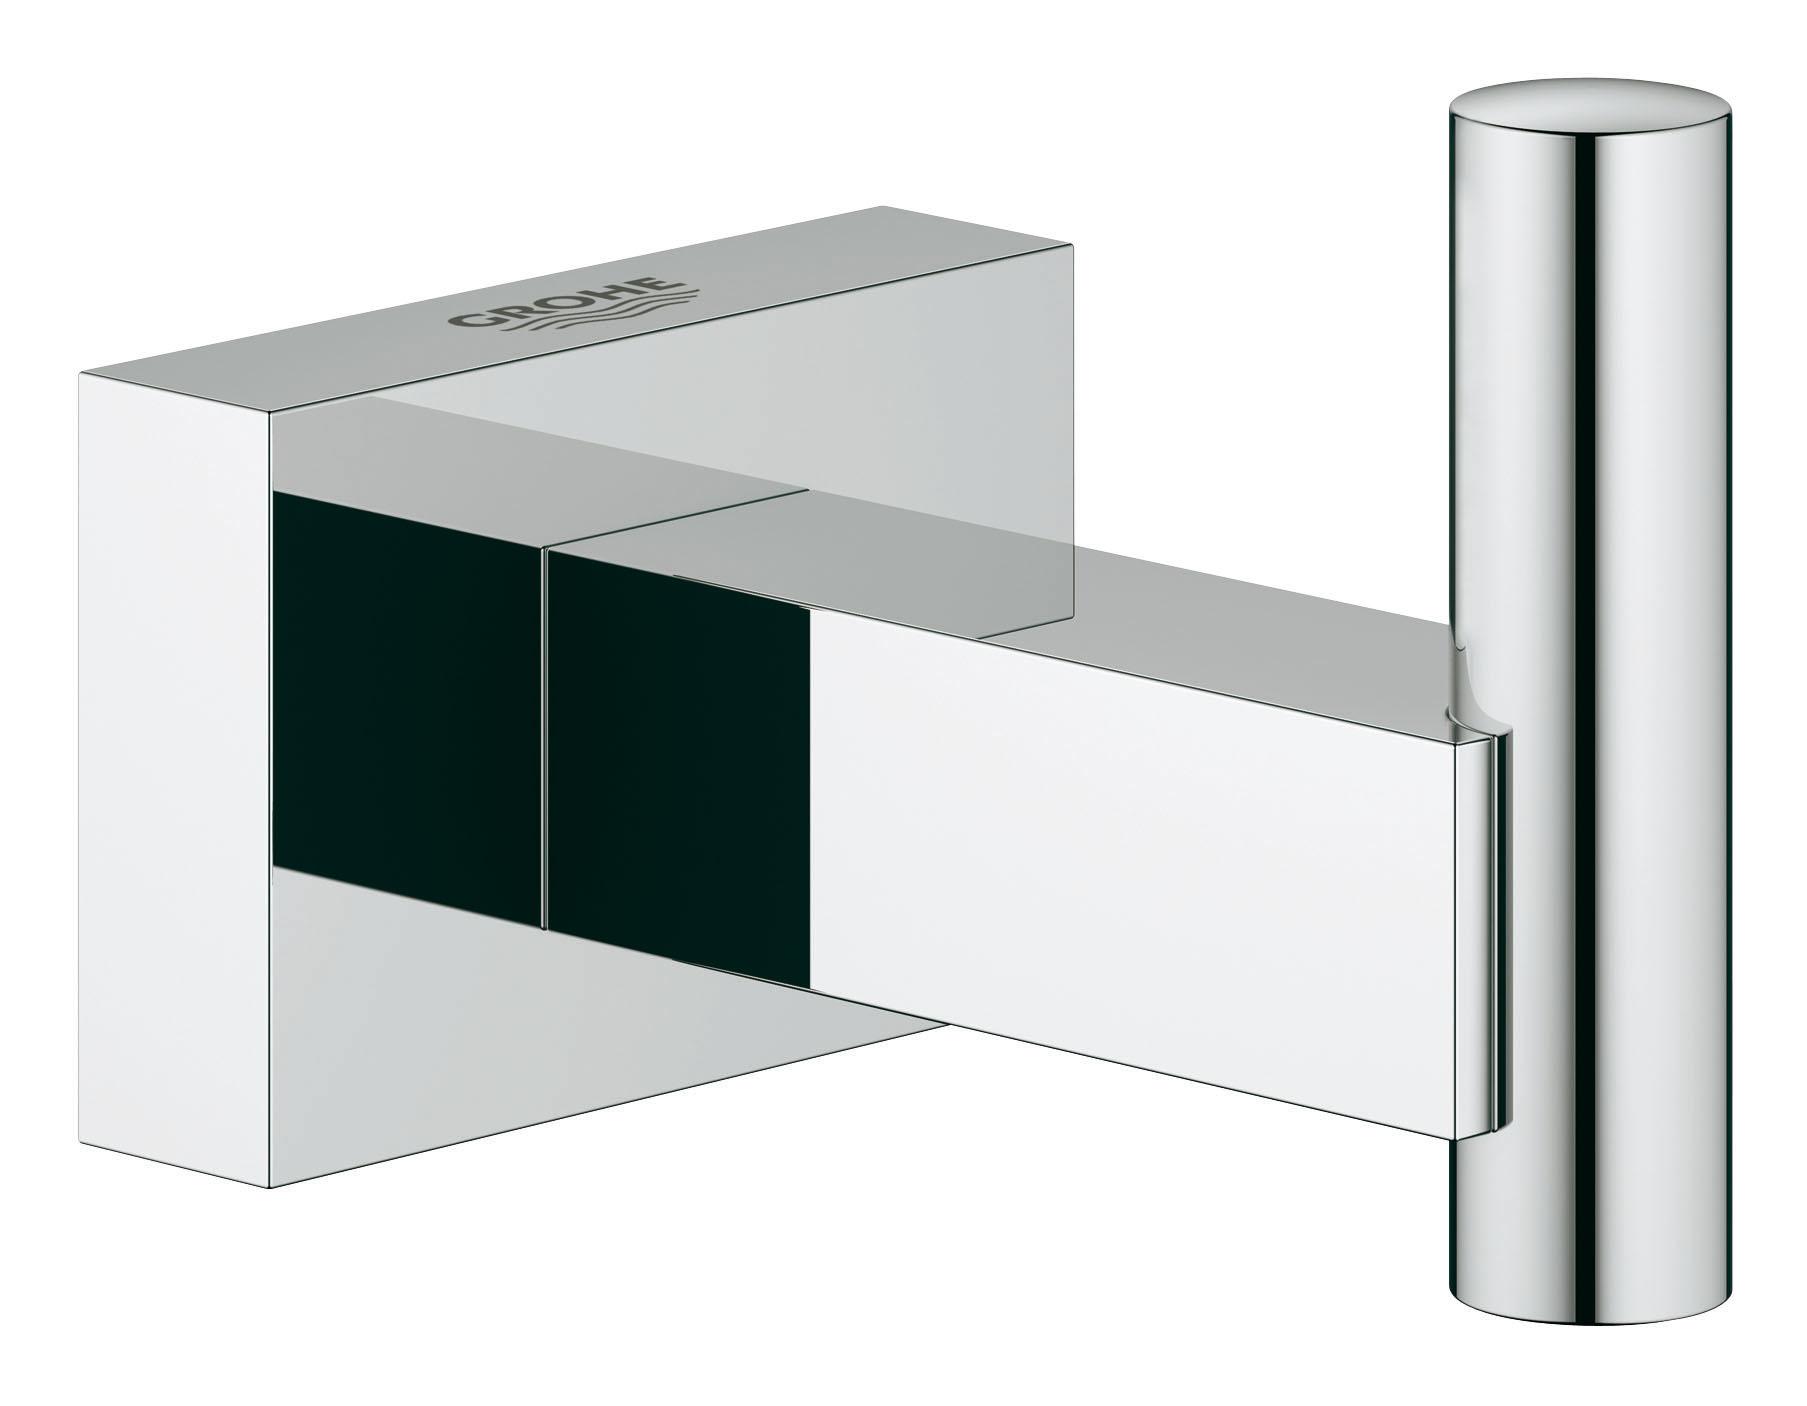 Крючок для банного халата GROHE Essentials Cube. 4051100040511000С помощью прочного и стильного крючка для банного халата GROHE Essentials Cube у вашего уютного банного халата появится в ванной комнате свое почетное место, где вы всегда сможете его найти, как только он вам потребуется. Этот аксессуар с элегантным хромированным покрытием станет завершающим штрихом в интерьере ванной комнаты. Особенности GROHE StarLight хромированная поверхность